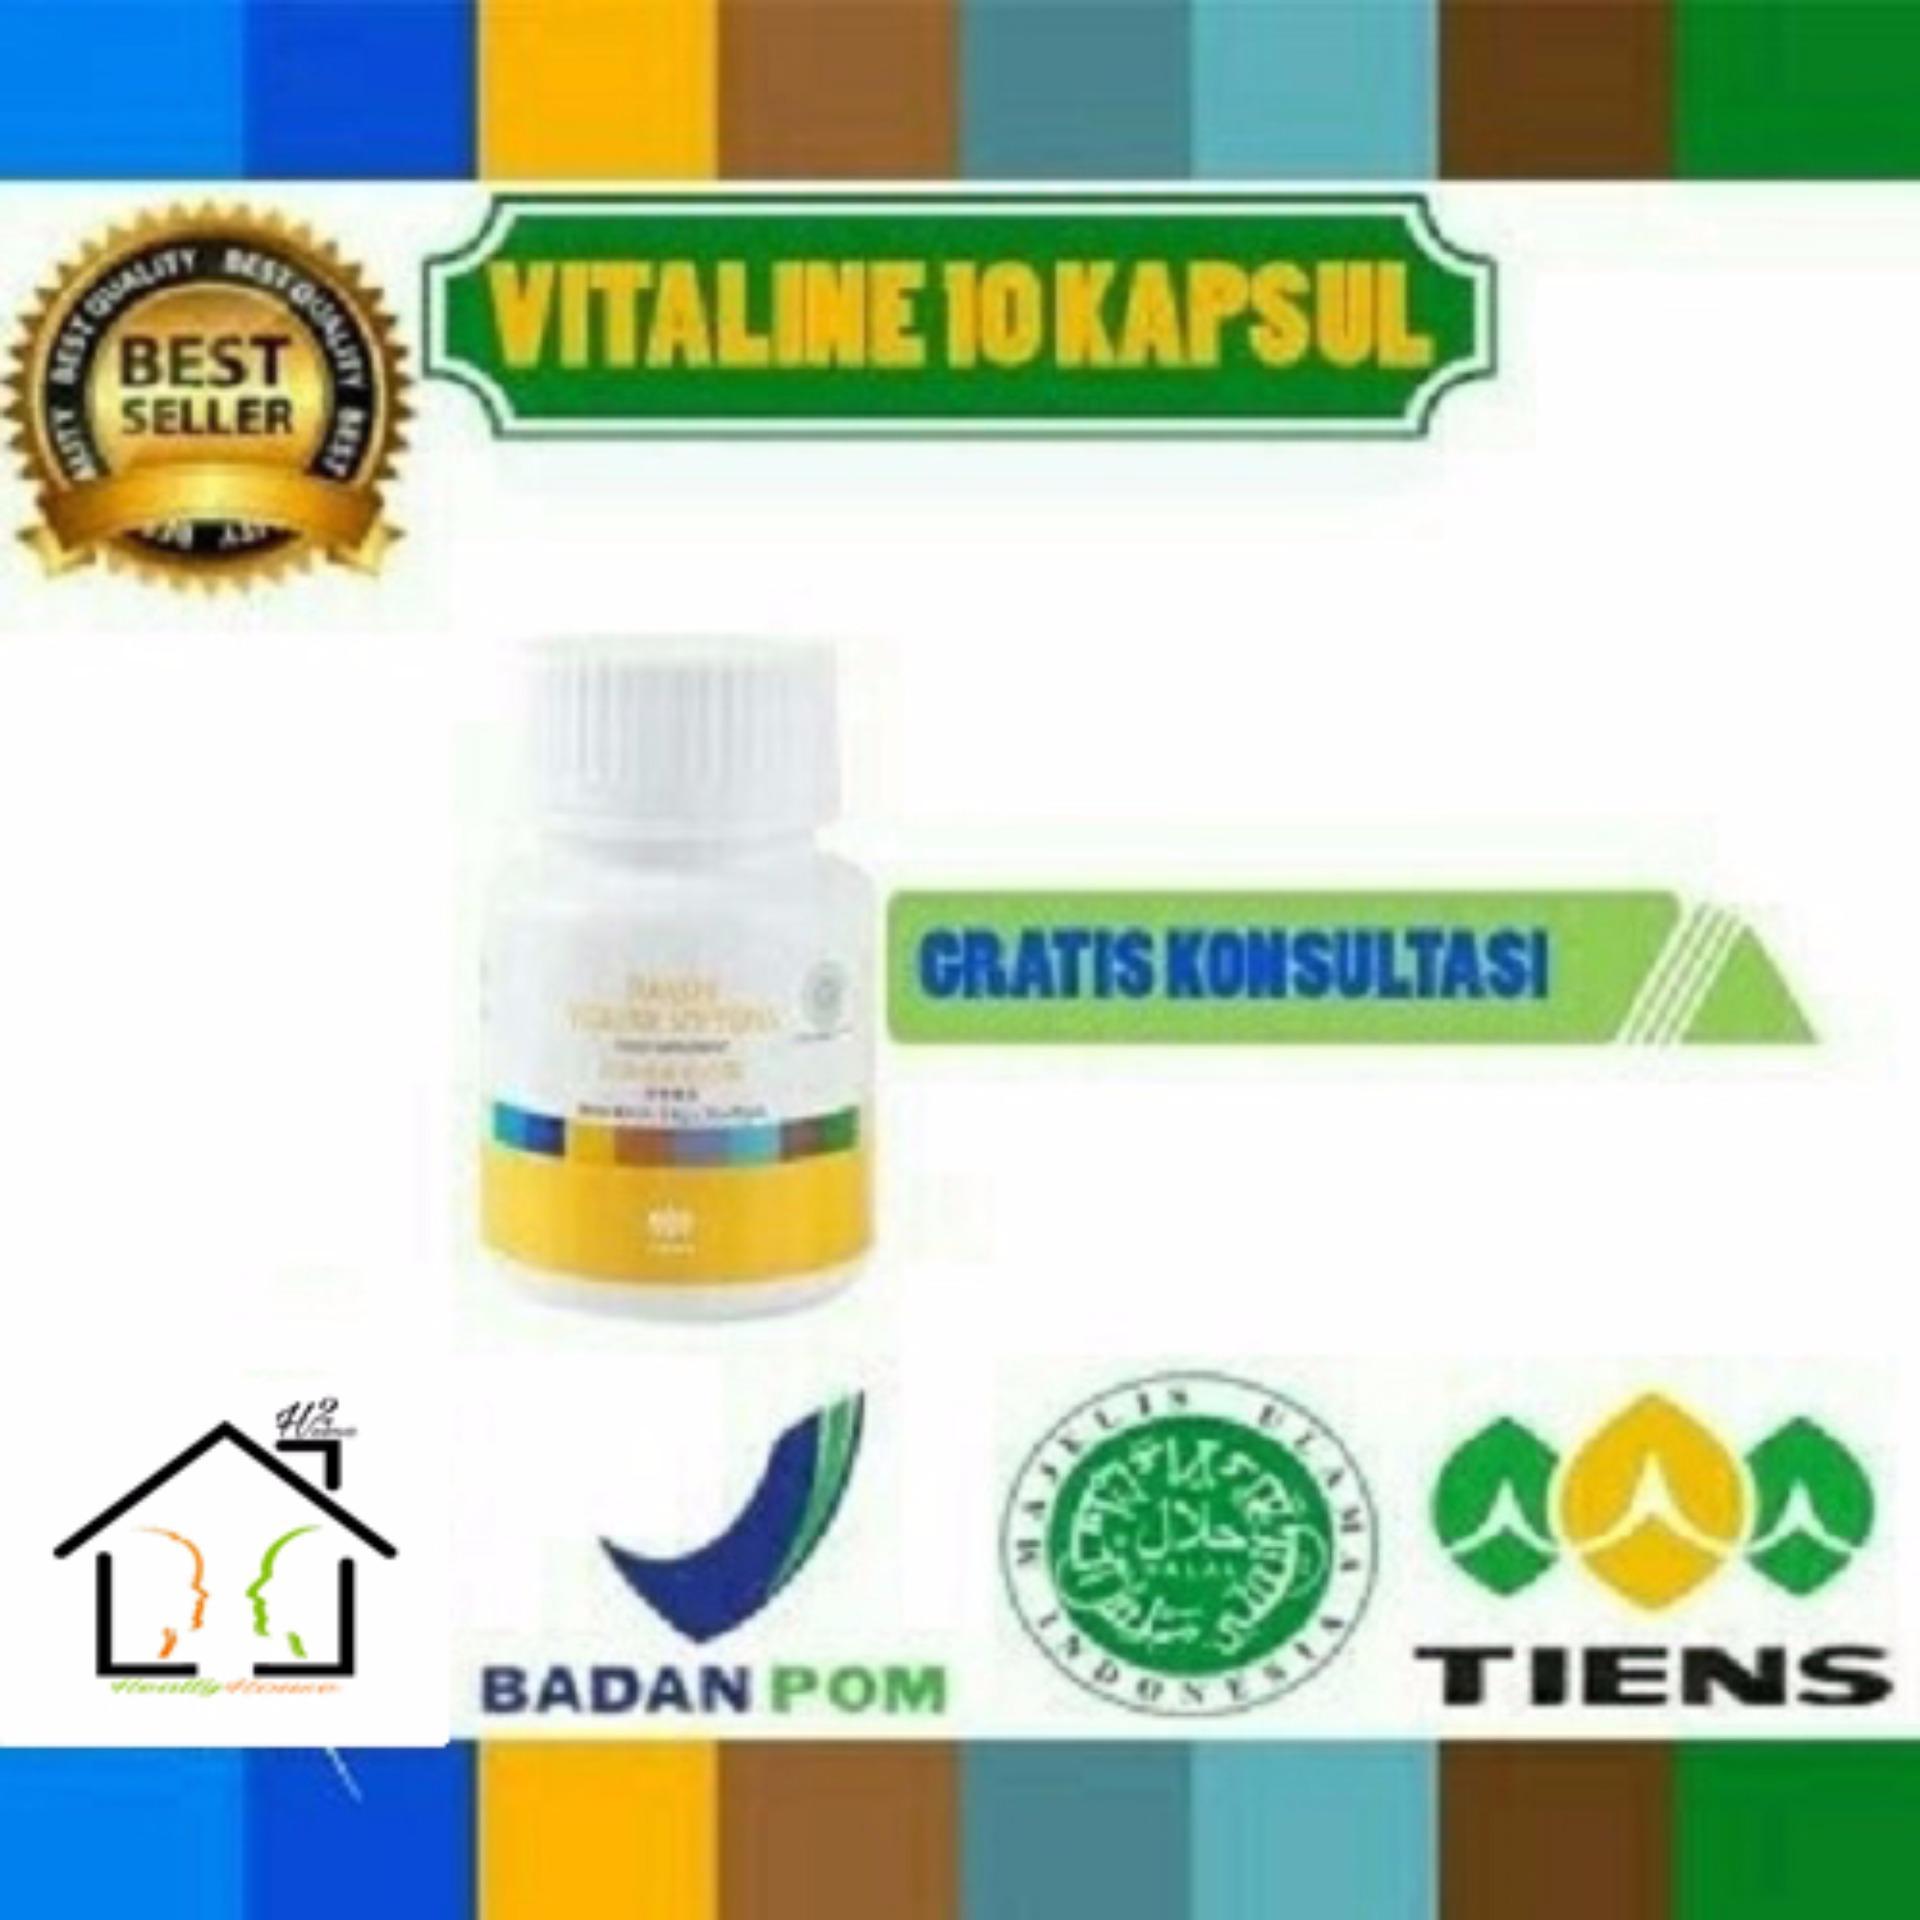 Harga Pemutih Wajah Vitaline Softgel Herbal Tiens 10 Kapsul Paling Murah